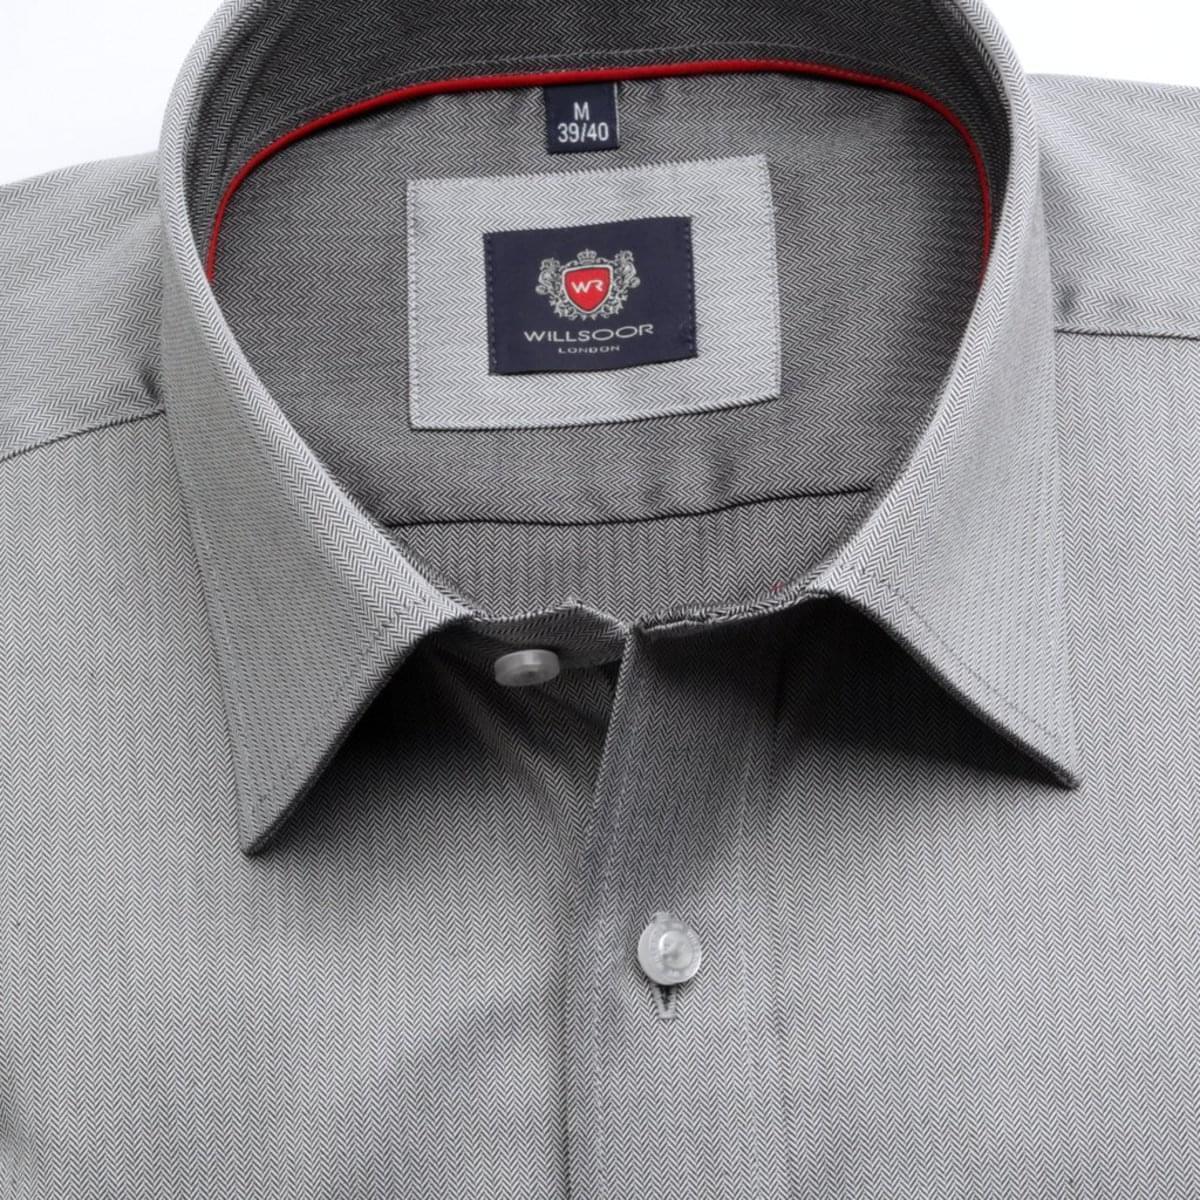 Pánská klasická košile London (výška 176-182) 6892 v šedé barvě s formulí Easy Care 176-182 / XL (43/44)